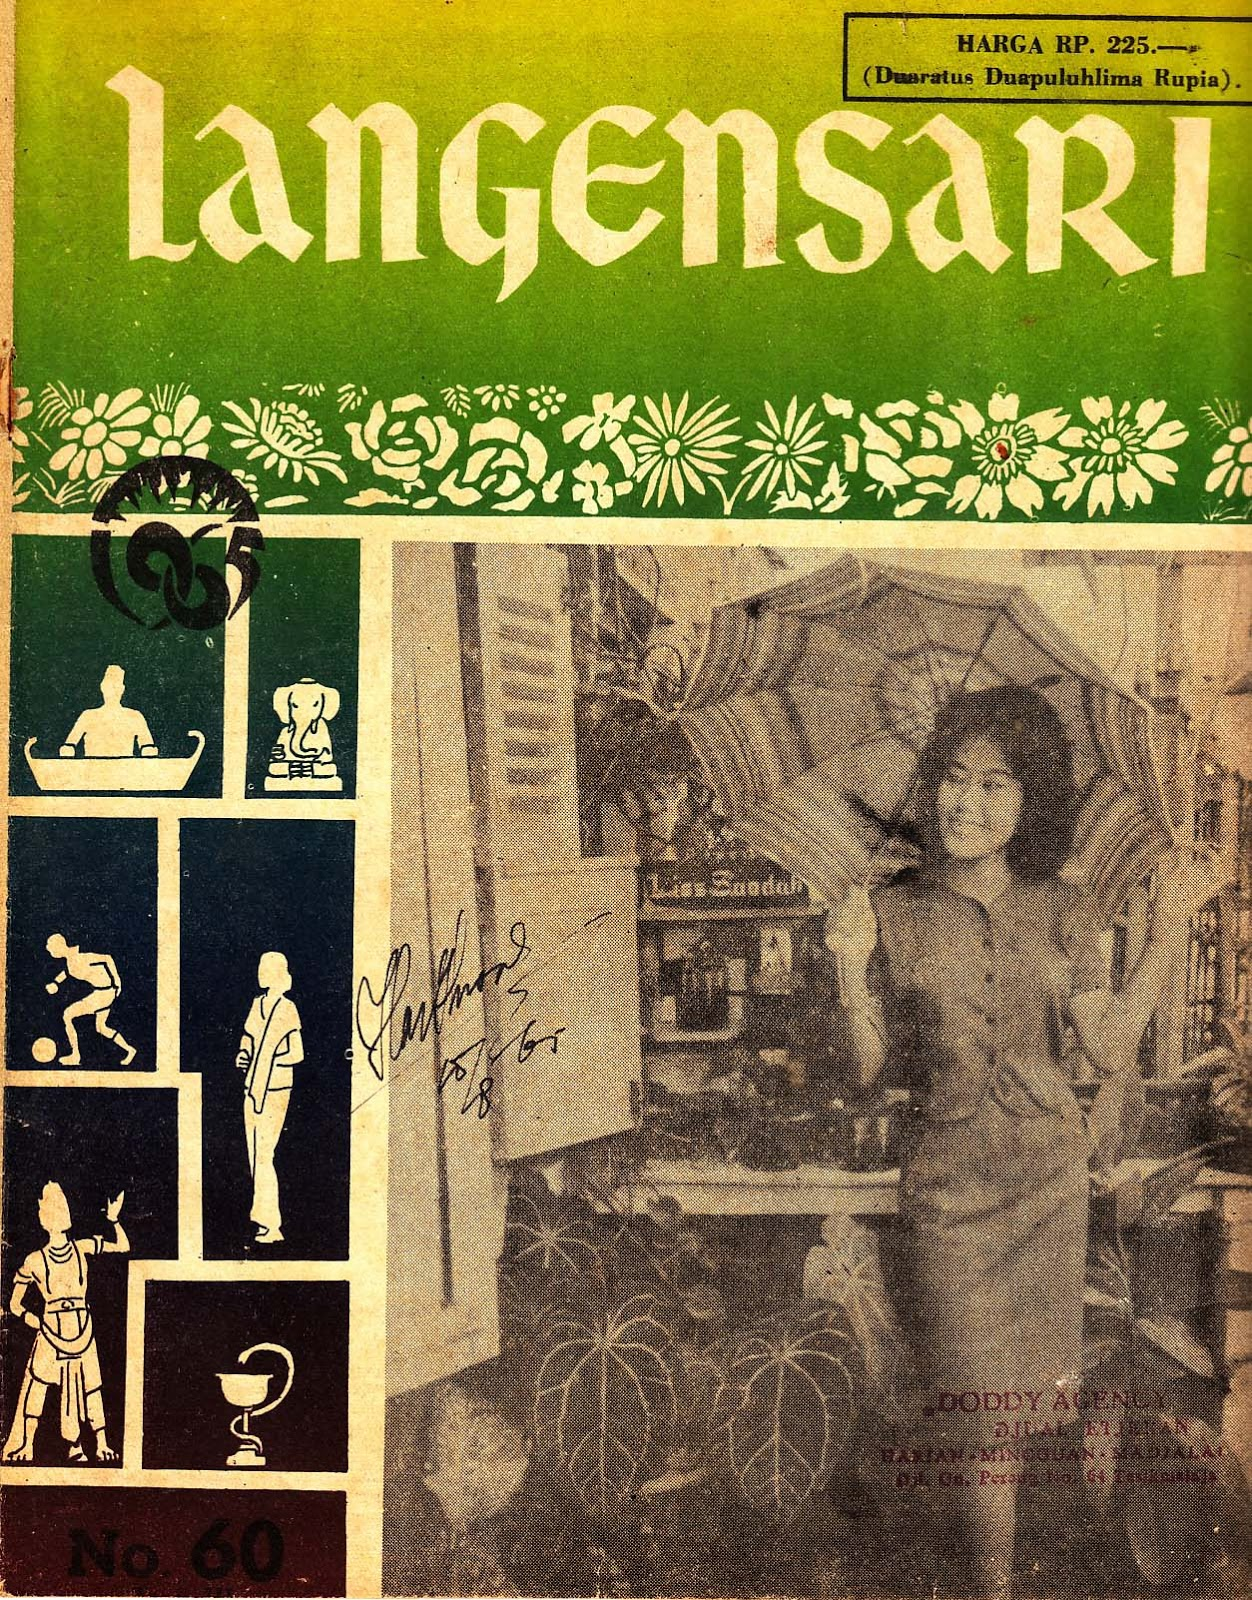 Berita Ku Bahasa Sunda Contoh Pidato Bahasa Sunda Terbaru 2014 Yoedha Koleksi K Atmojo 2 Majalah Lama Quot;langensariquot; Tahun 1965